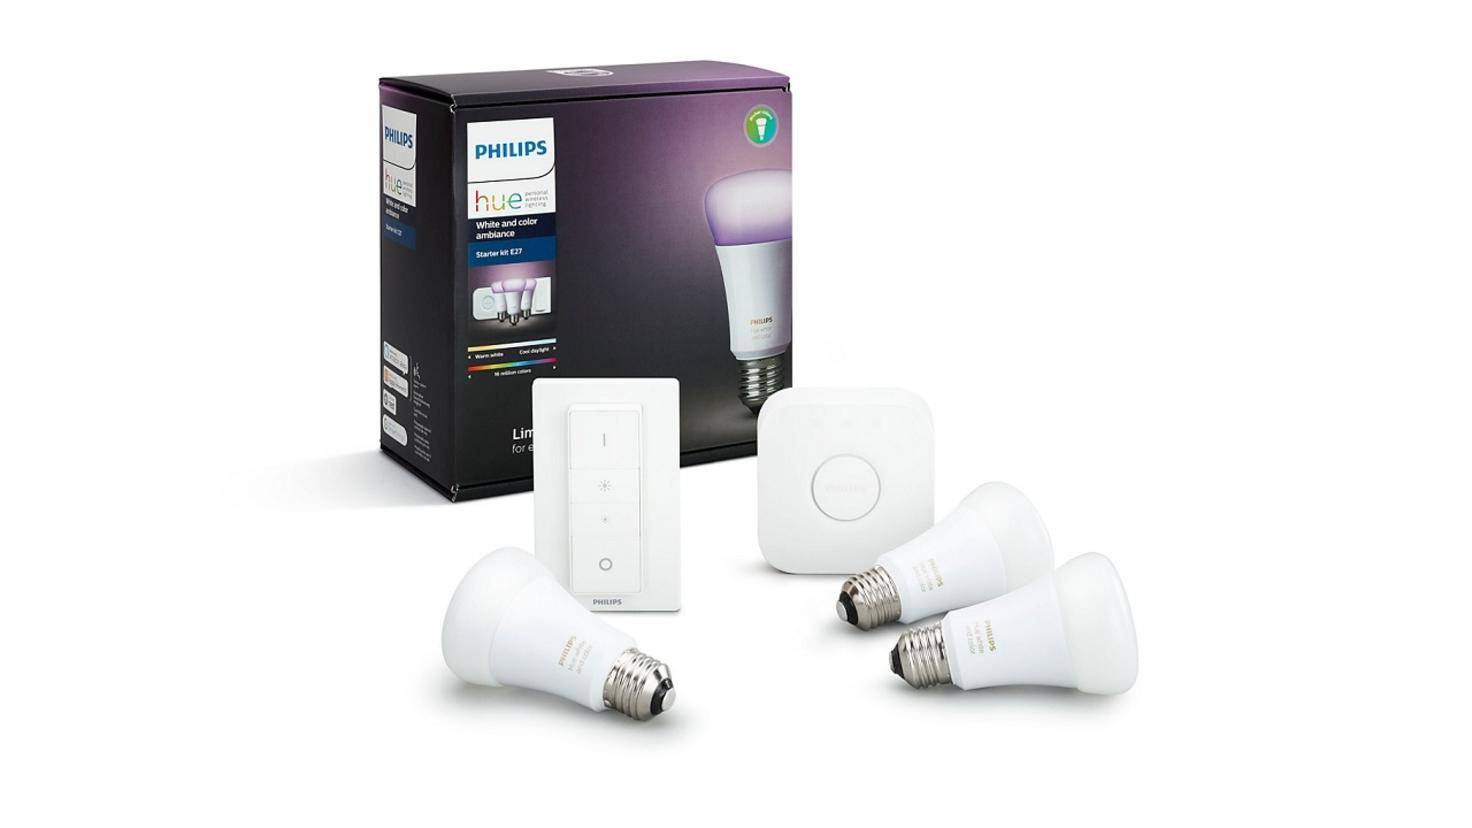 philips-hue-licht-starter-kit